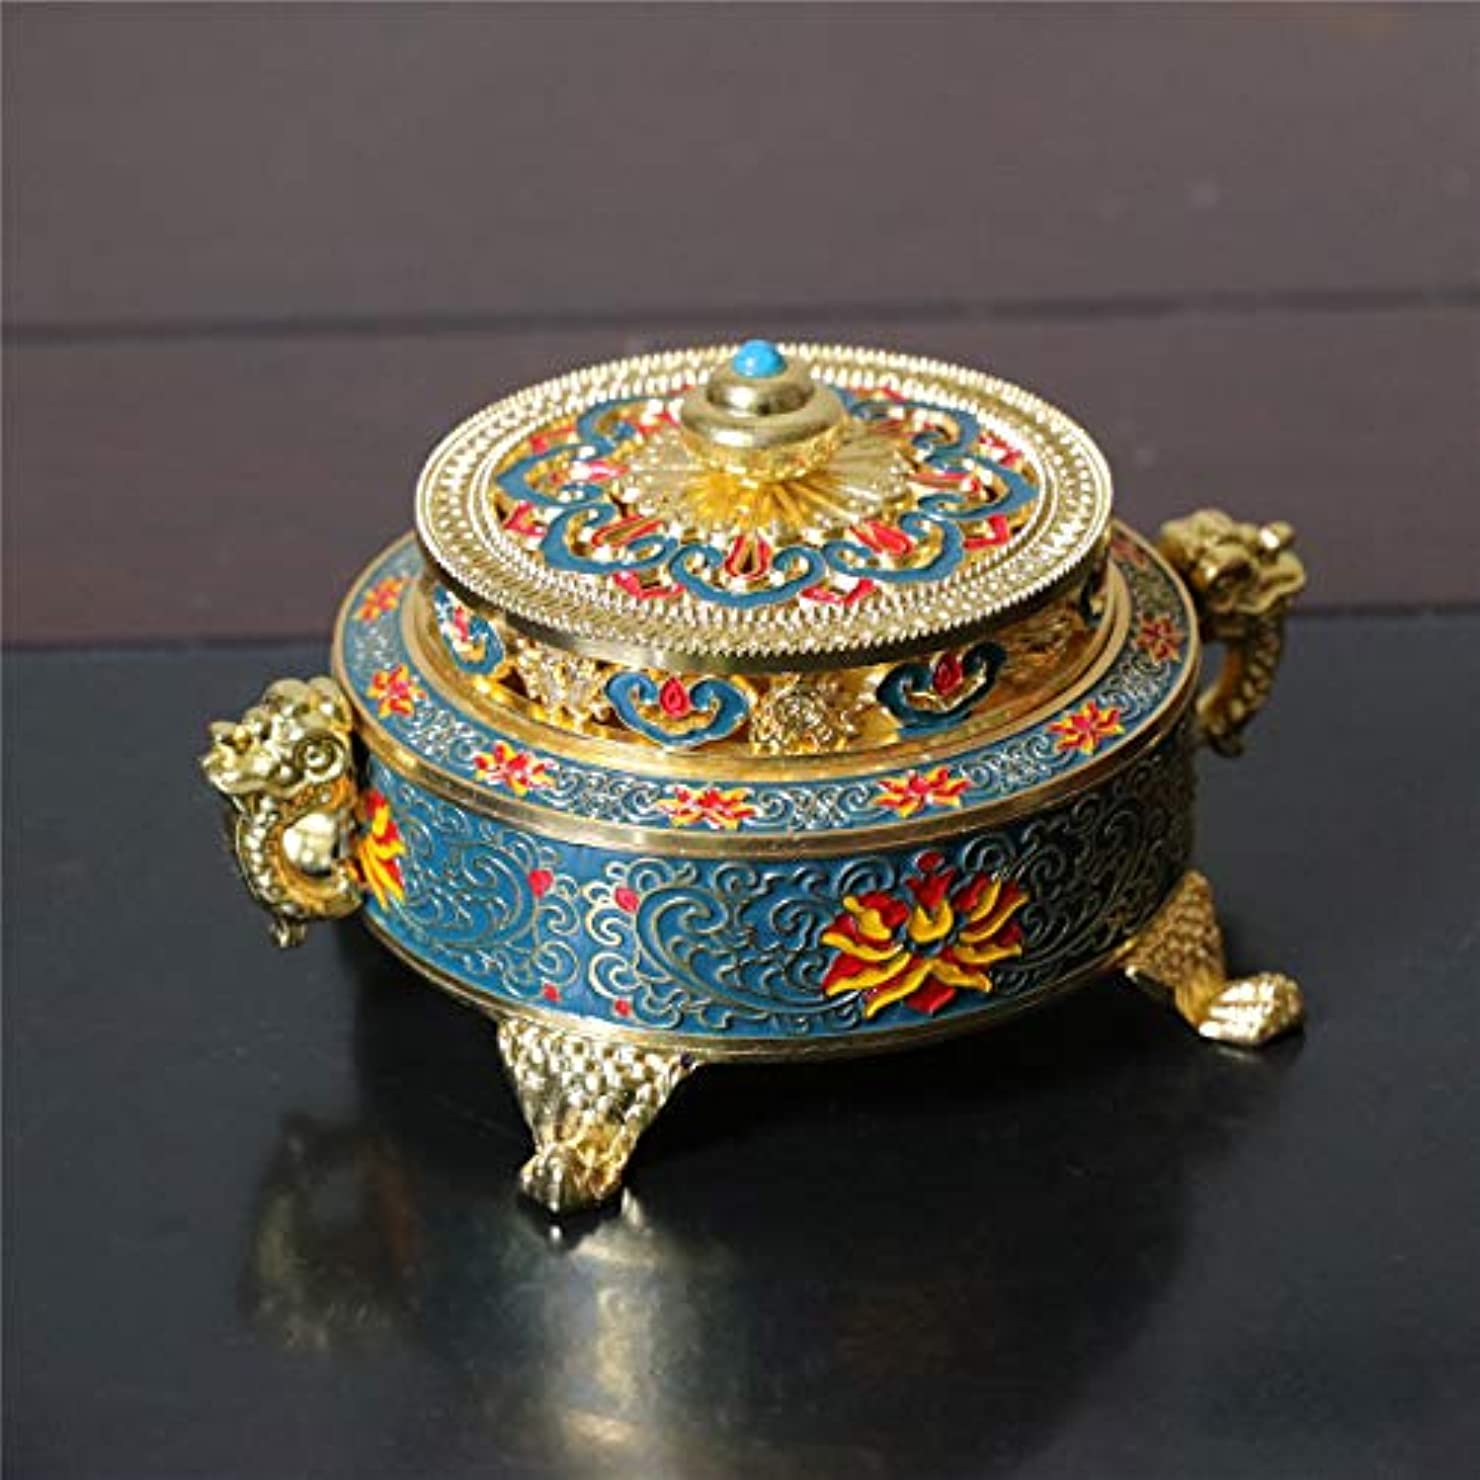 奨励しますシンプルな組み合わせPHILOGOD 香炉 美しく印刷渦巻き線香 香立て 仏壇用 香皿 (Blue Enamel)